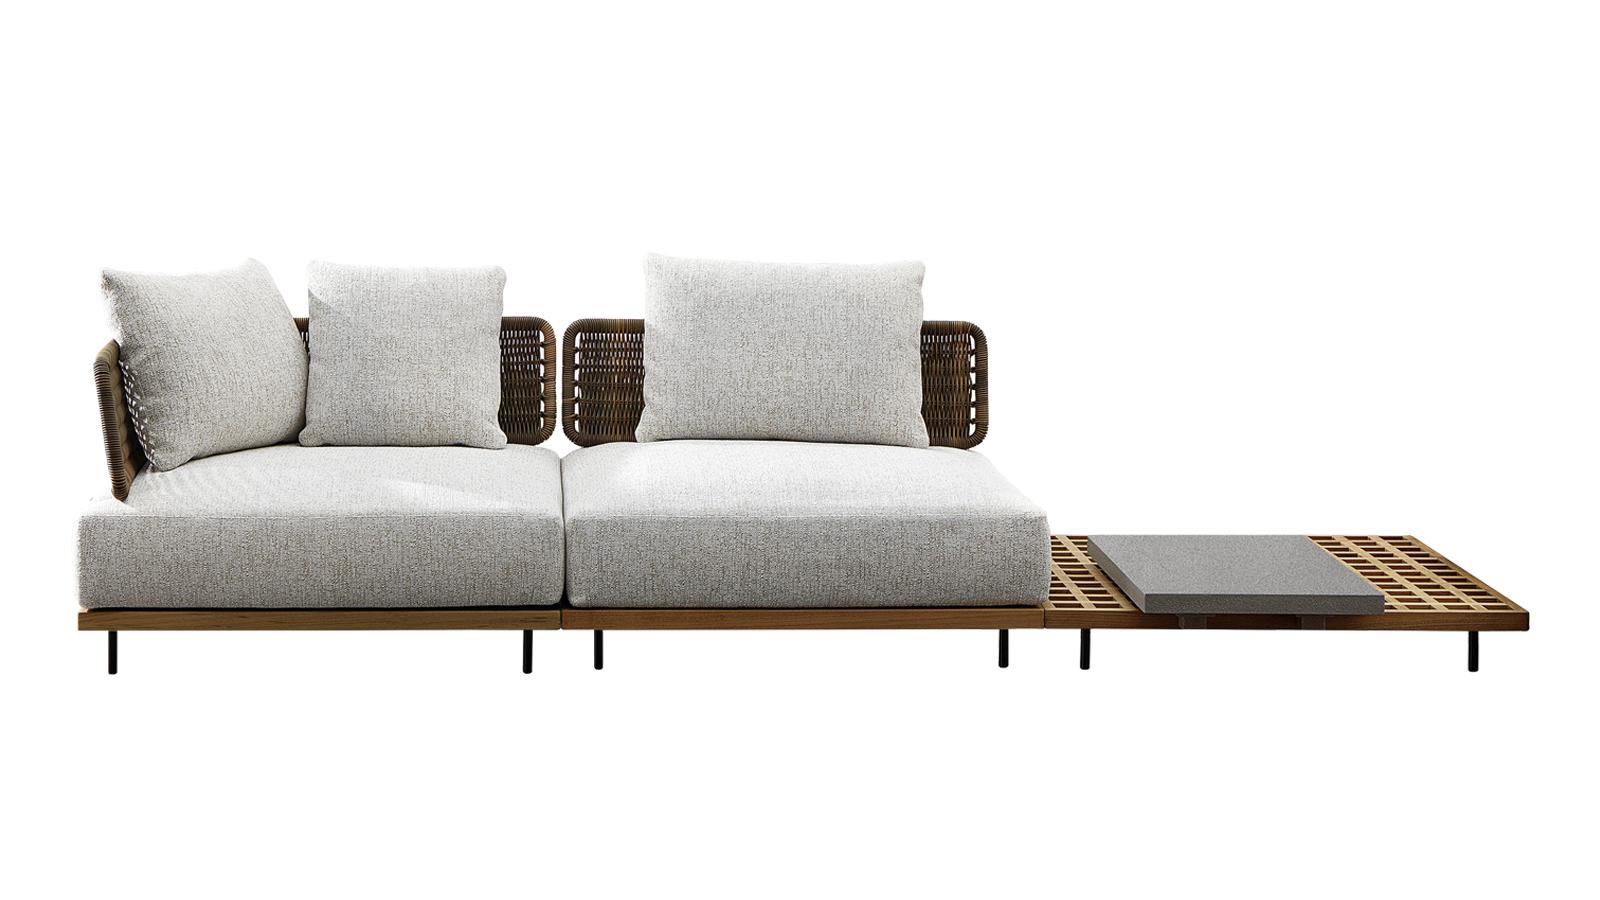 A Minotti kültéri kollekciójának tervezésekor Marcio Kogan a klasszikus, indiai tölgyből készült hajópallókat hívta inspirációul: a bútor alapját képező rácsos struktúra a víz hatékony elvezetését szolgálja, a Quadrado bútorai így nem csak stílusosak, de rendkívül praktikusak is. A Quadrado két színben is elérhető, kényelmes ülőpárnáit a letisztult formavilághoz illeszkedő támlák keretezik. A sorozathoz tartozó kanapét az ülőelemek és a praktikus rakodófelületek izgalmas váltakozása jellemzi – így egyesül a Quadrado bútoraiban a kortárs kényelem és a funkcionalitás.